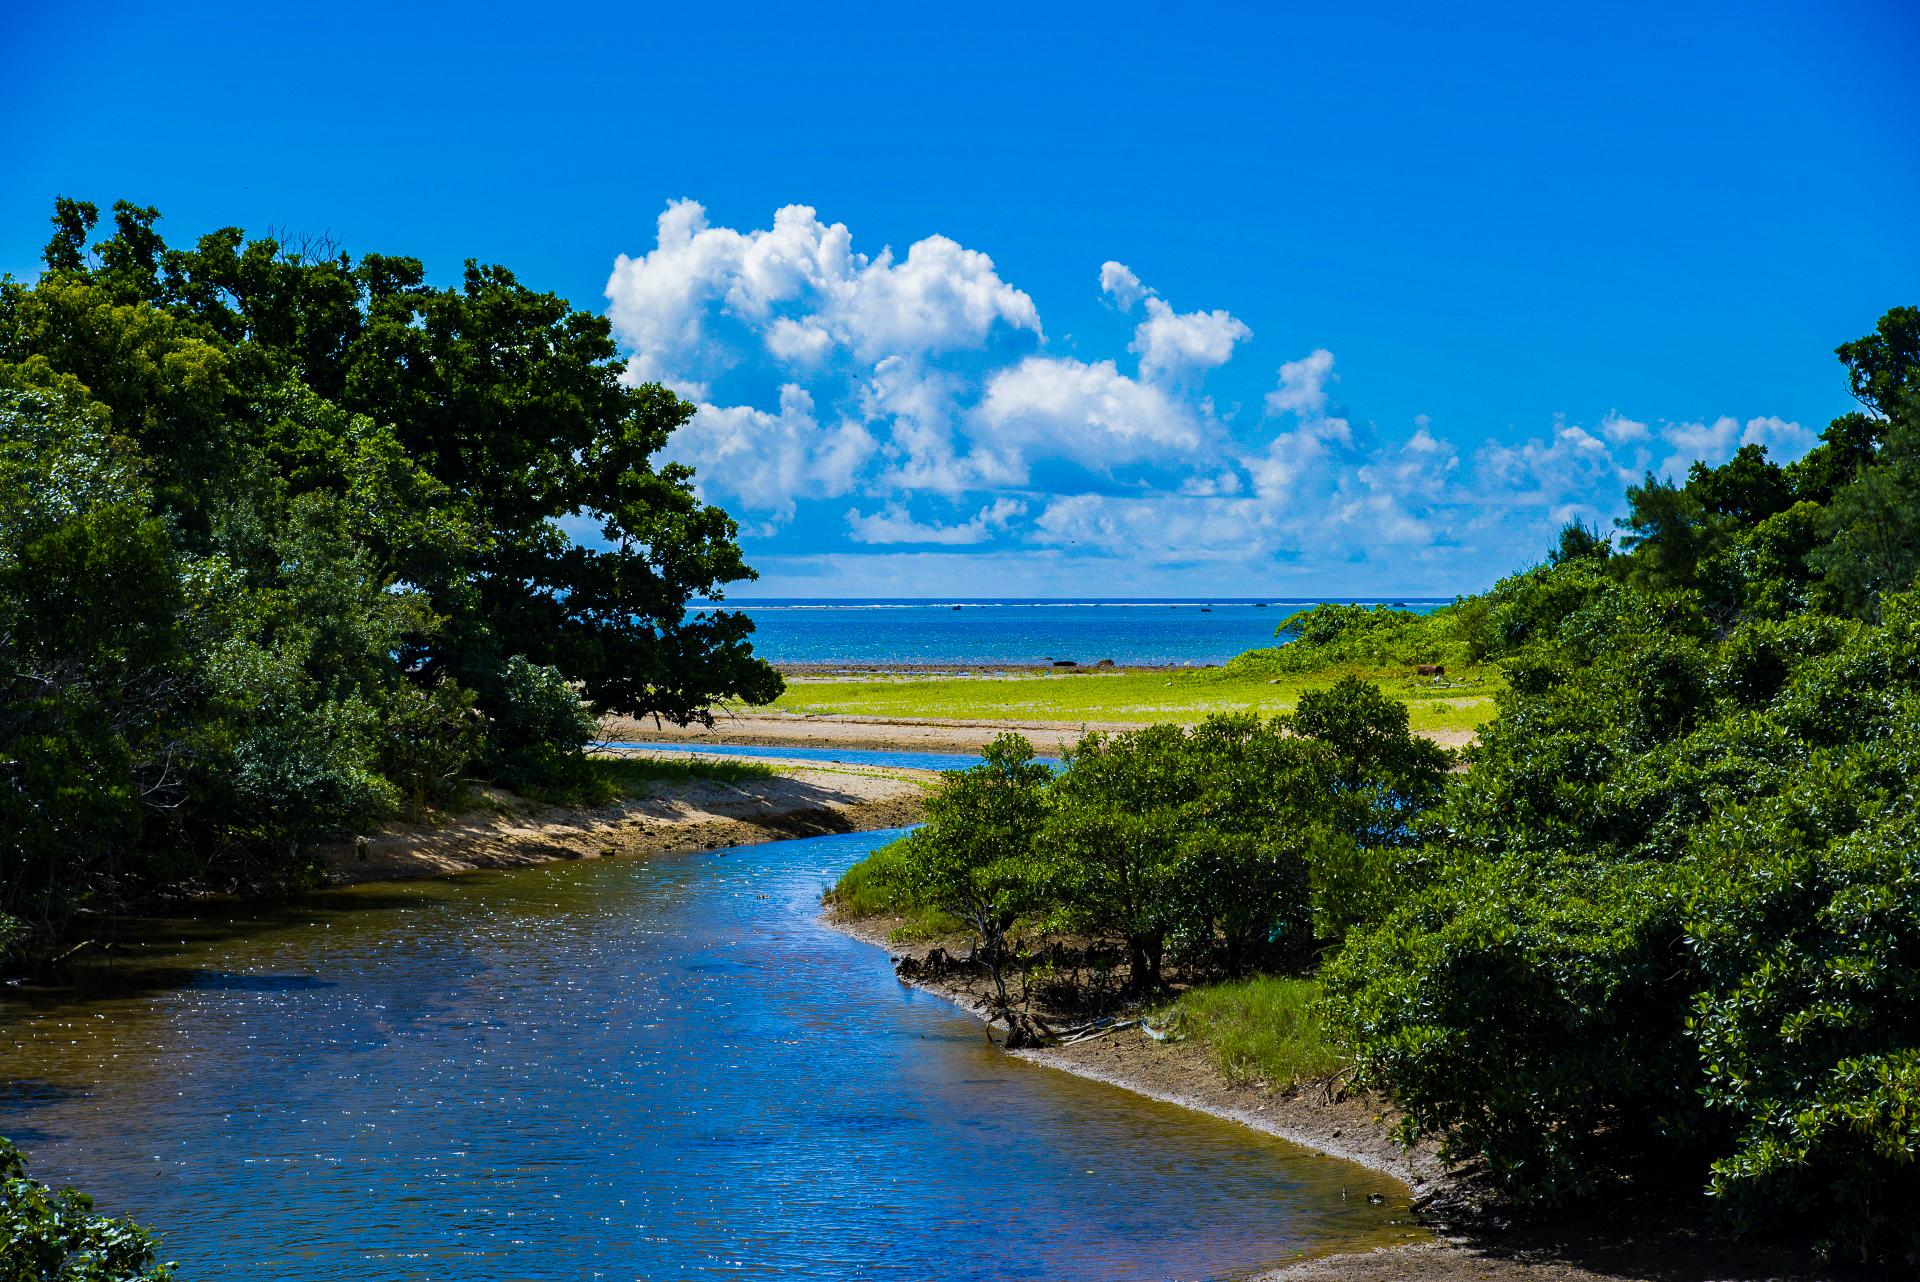 石垣島で一番大きなマングローブ川である宮良川